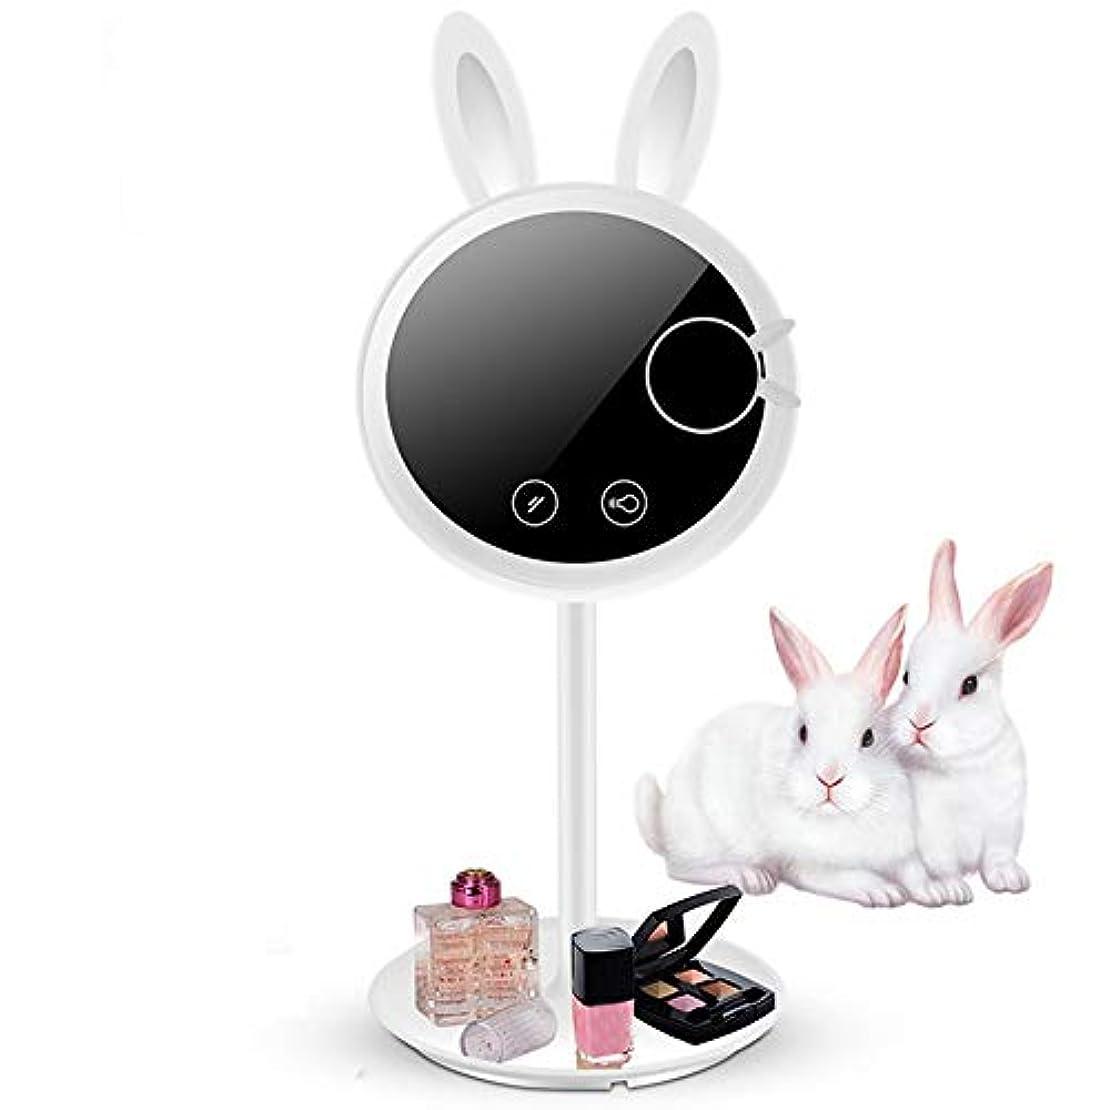 ペルメル知覚できる中央値流行の 新しいバニーLEDフィルライト化粧鏡と光インテリジェントフィルライトデスクトップ化粧鏡ABS小さなギフトホワイト